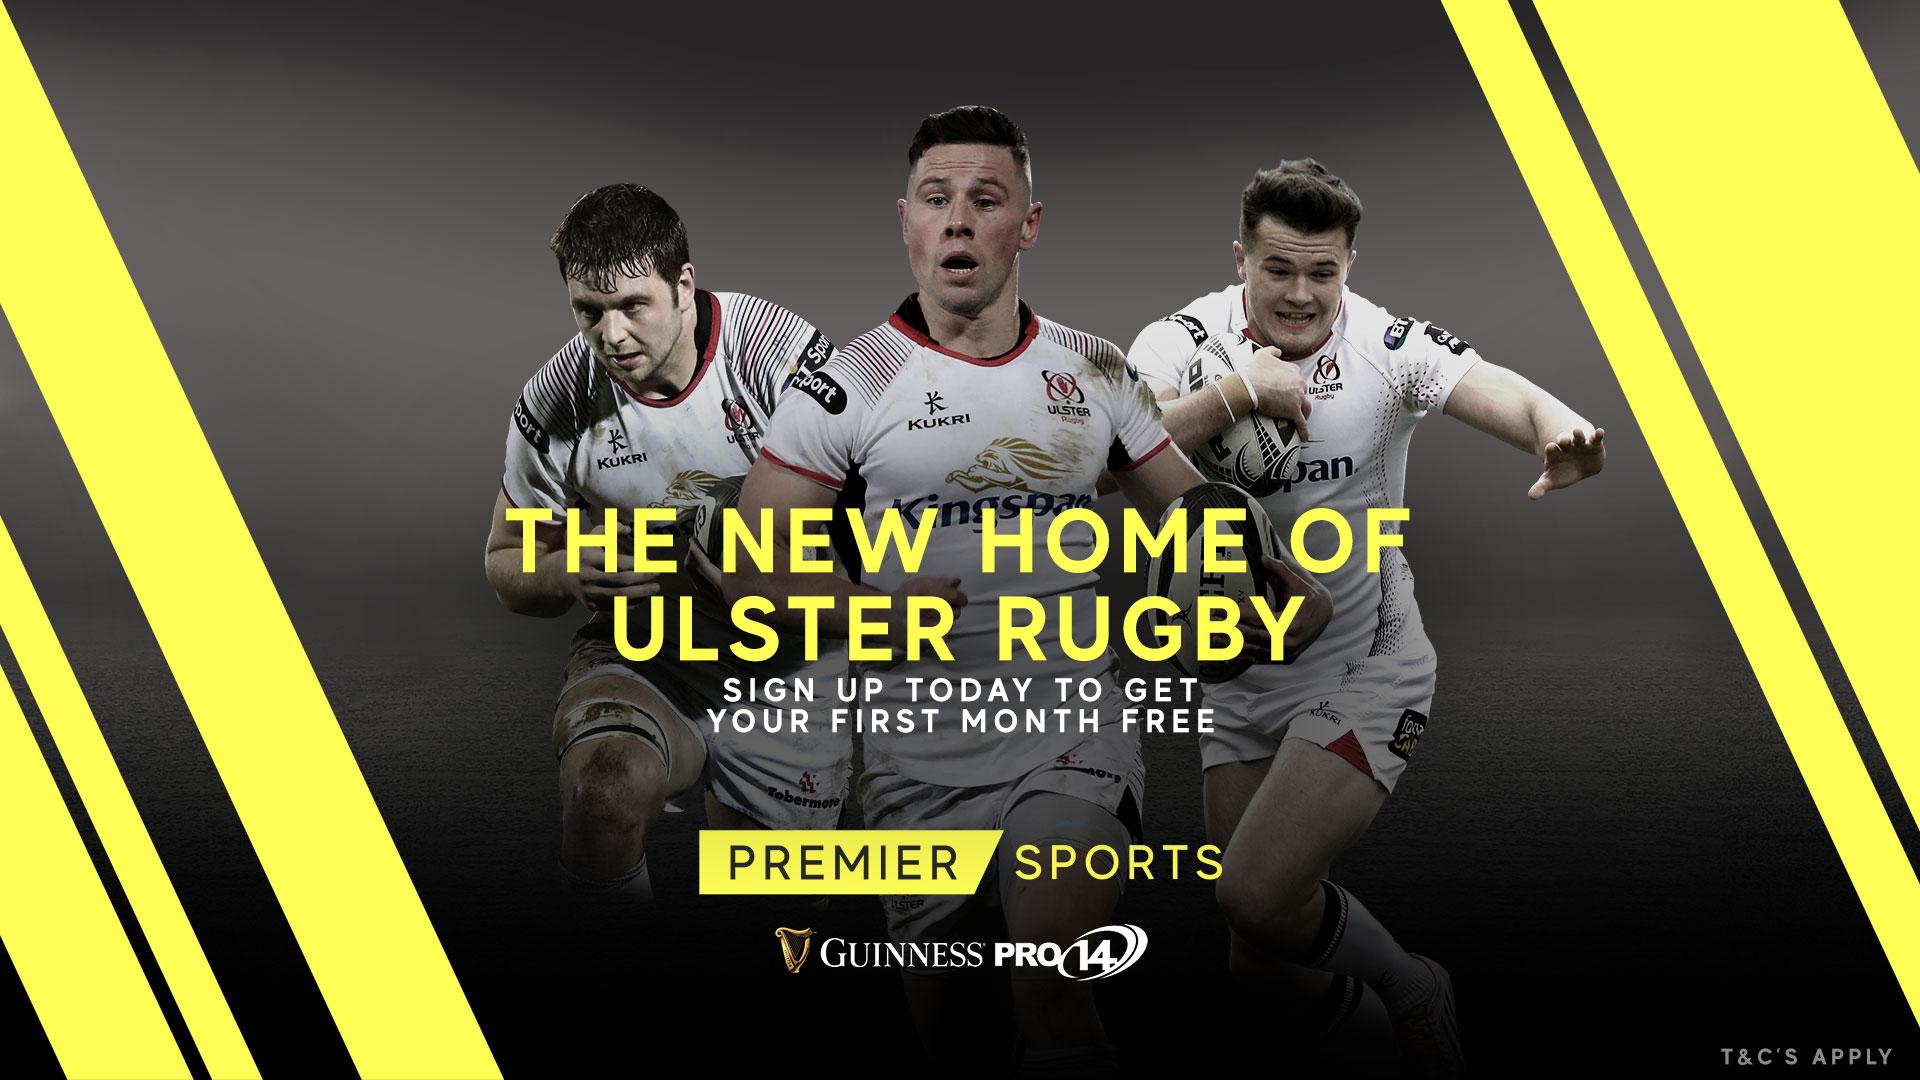 Premier Sports/PRO14 - Ulster